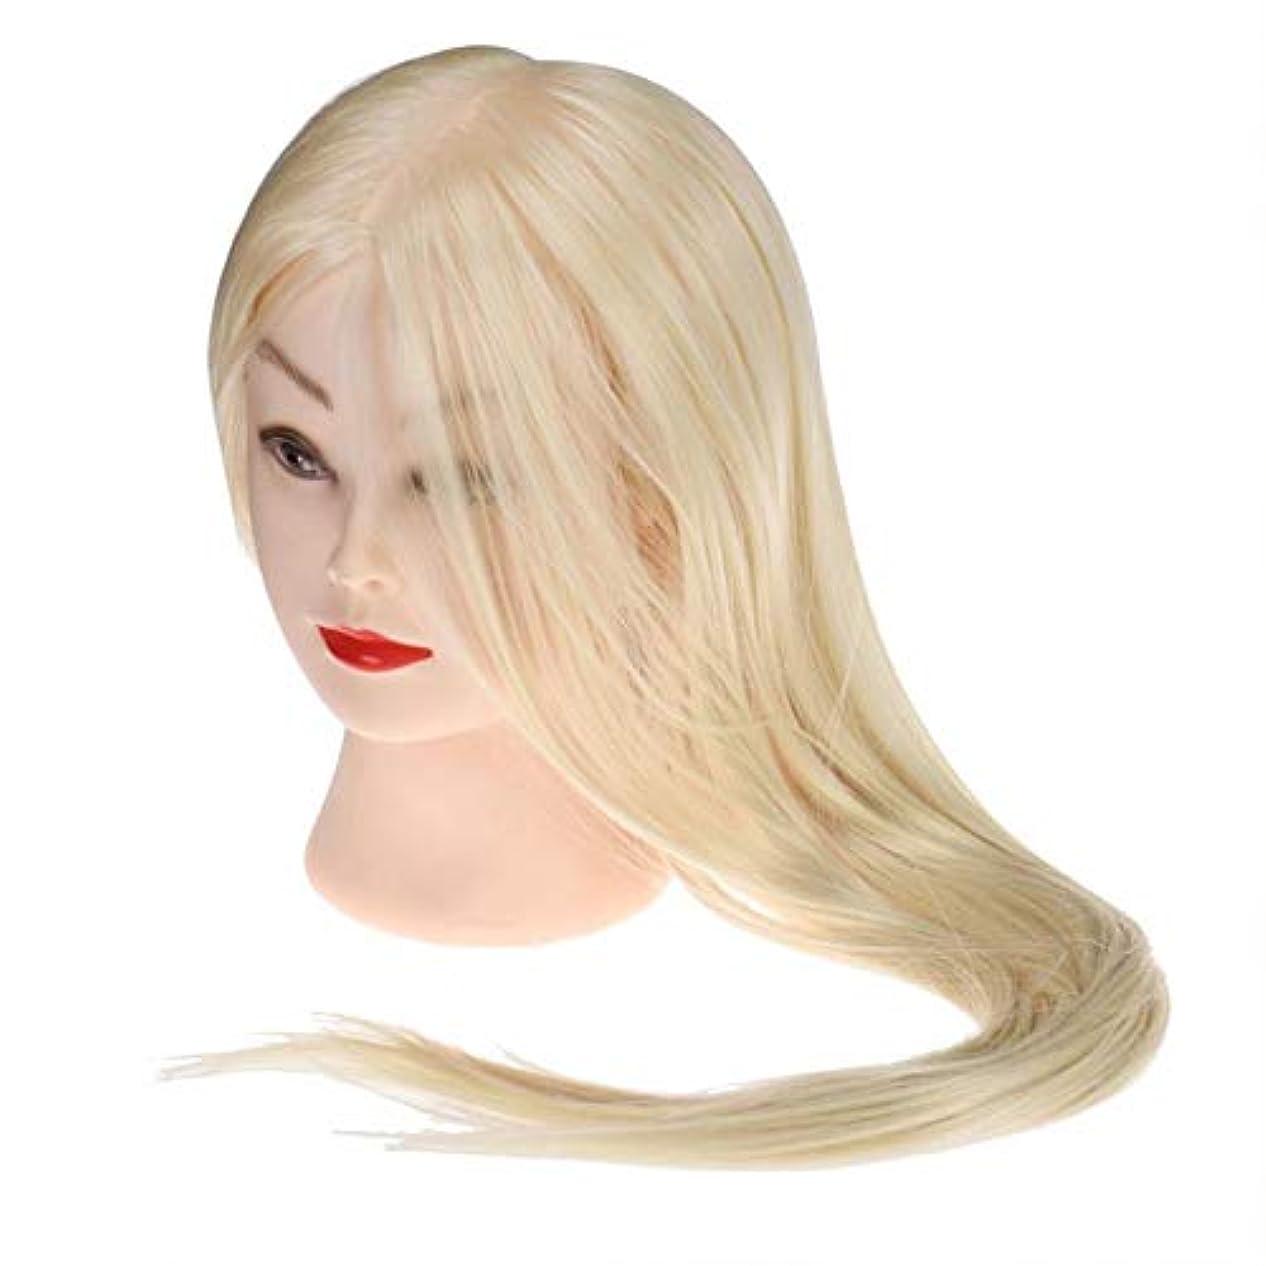 犠牲飲み込むマートサロン散髪練習ヘッドモデルメイク学校編組髪開発学習モデルヘッドヘアストレートロングかつら